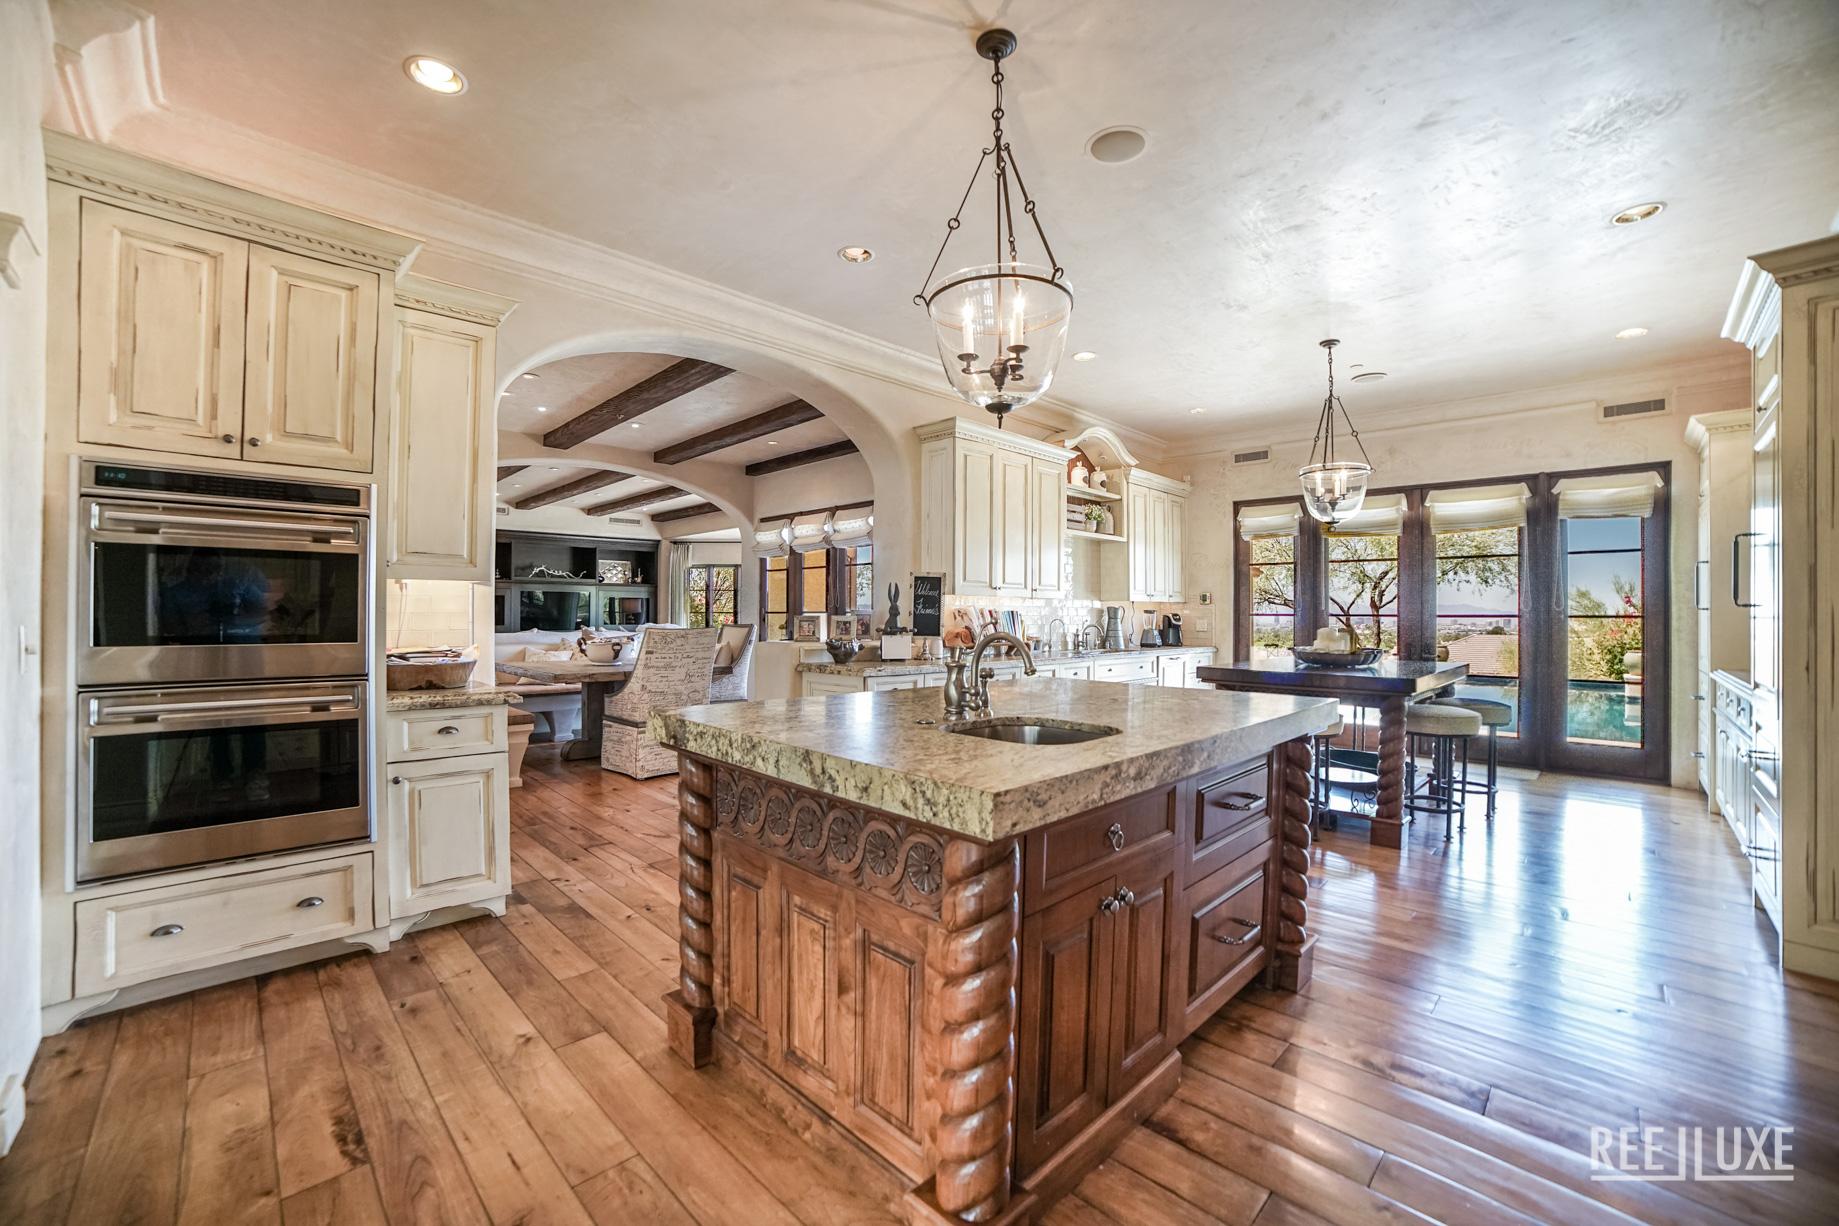 Spanish Colonial Biltmore Mountain Estate - 6539 N 31st Pl, Phoenix, AZ, USA